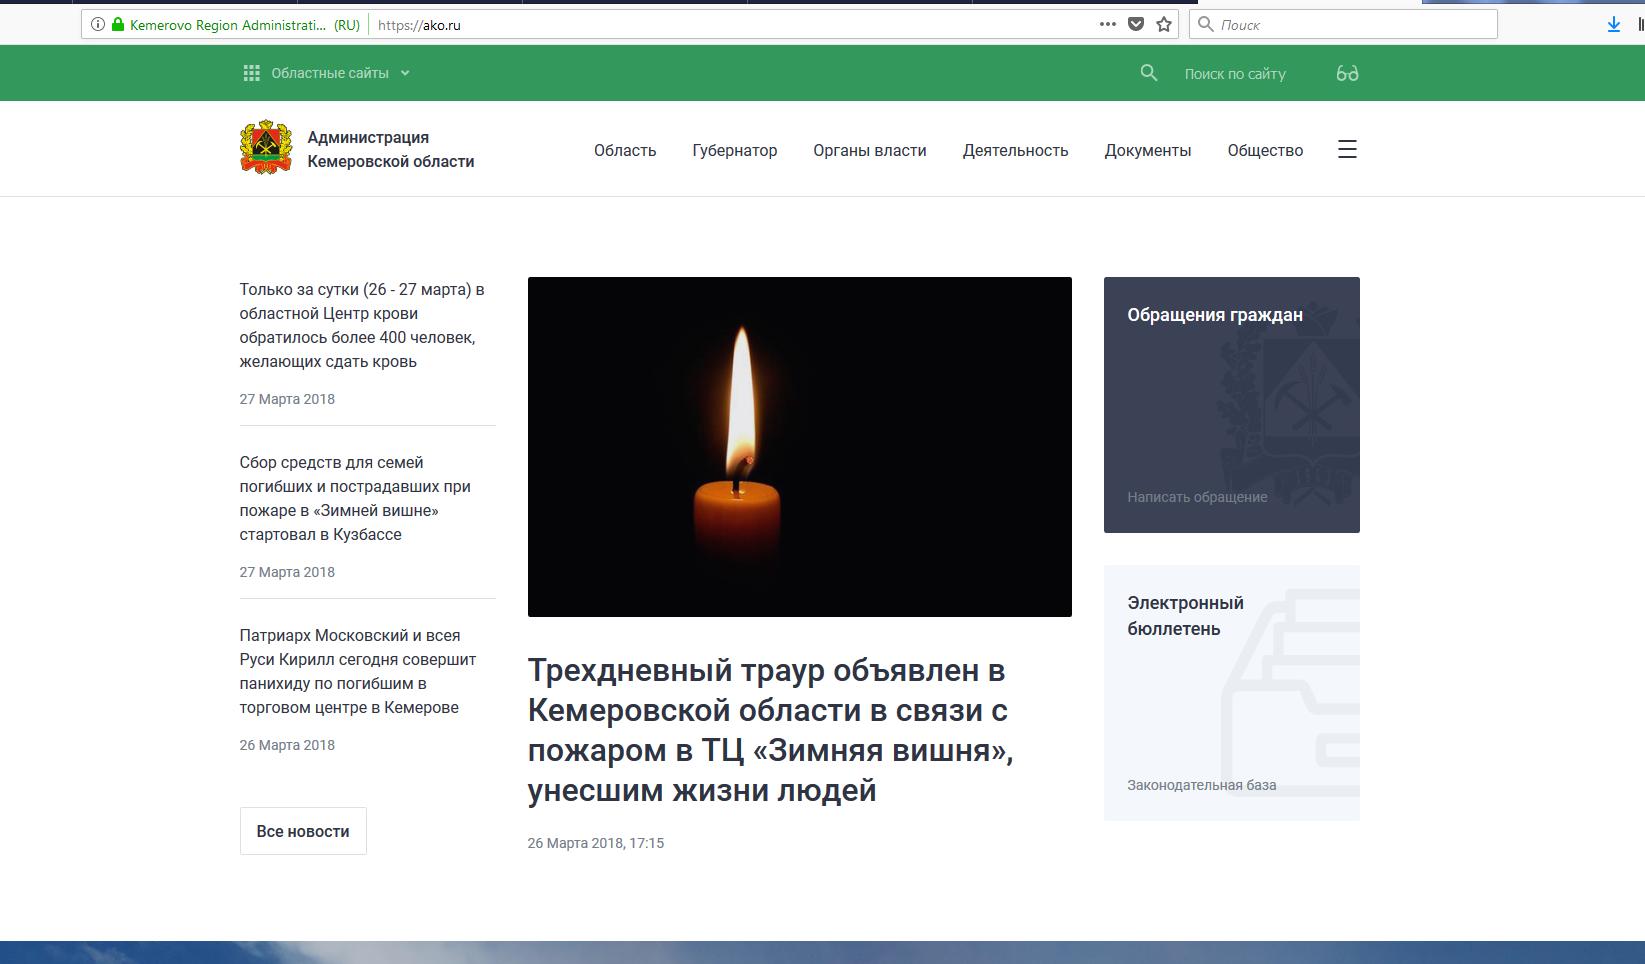 Сайт администрации Кемеровской области